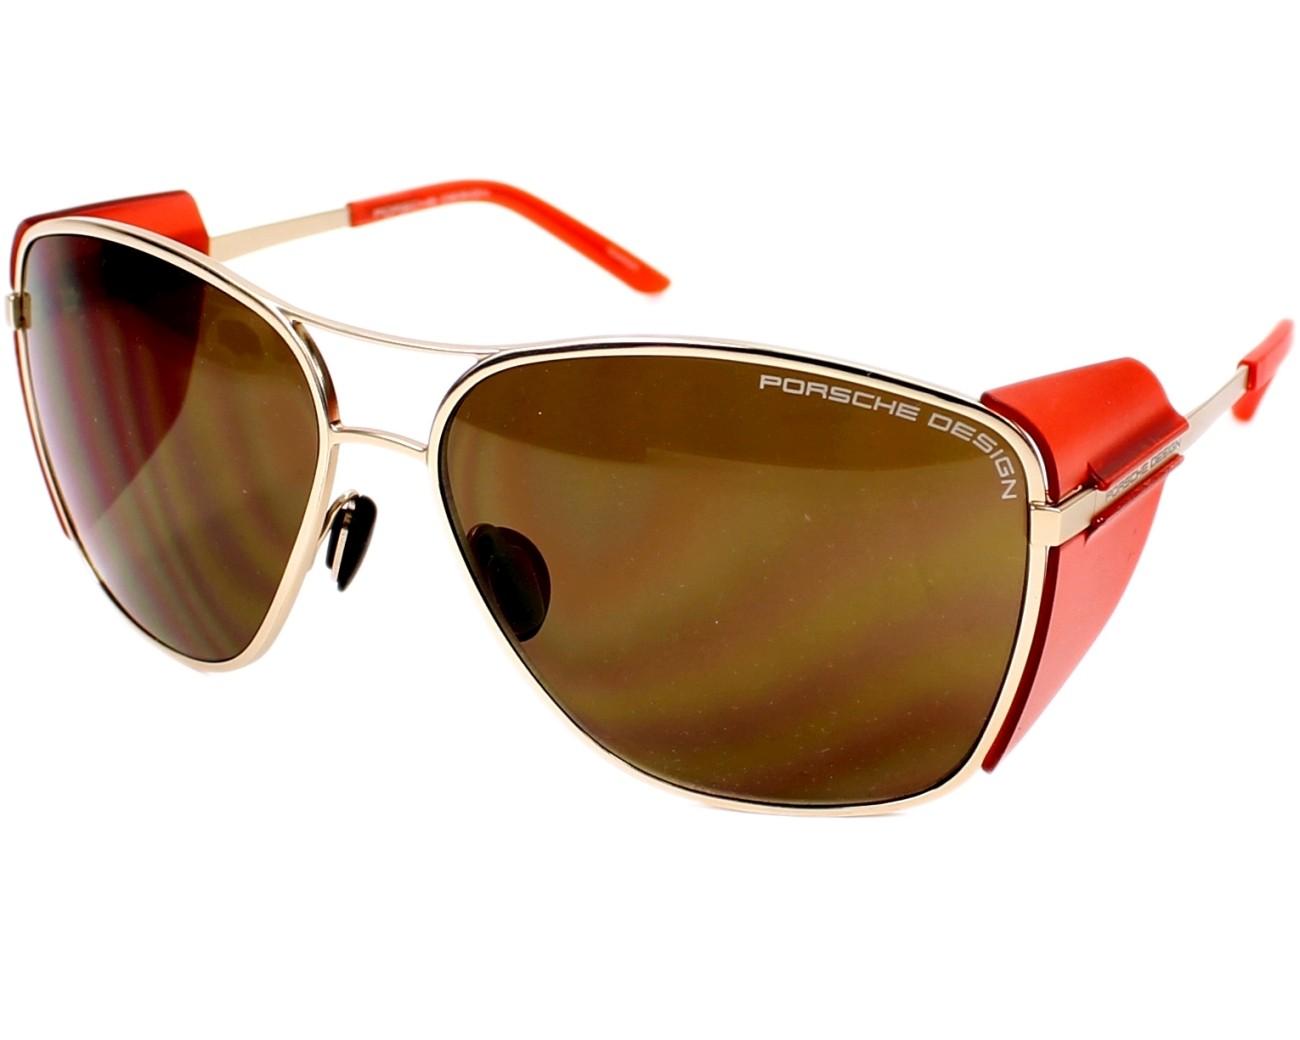 633f569543df1 Trouvez vos lunettes de soleil Porsche Design en promotion toute l année